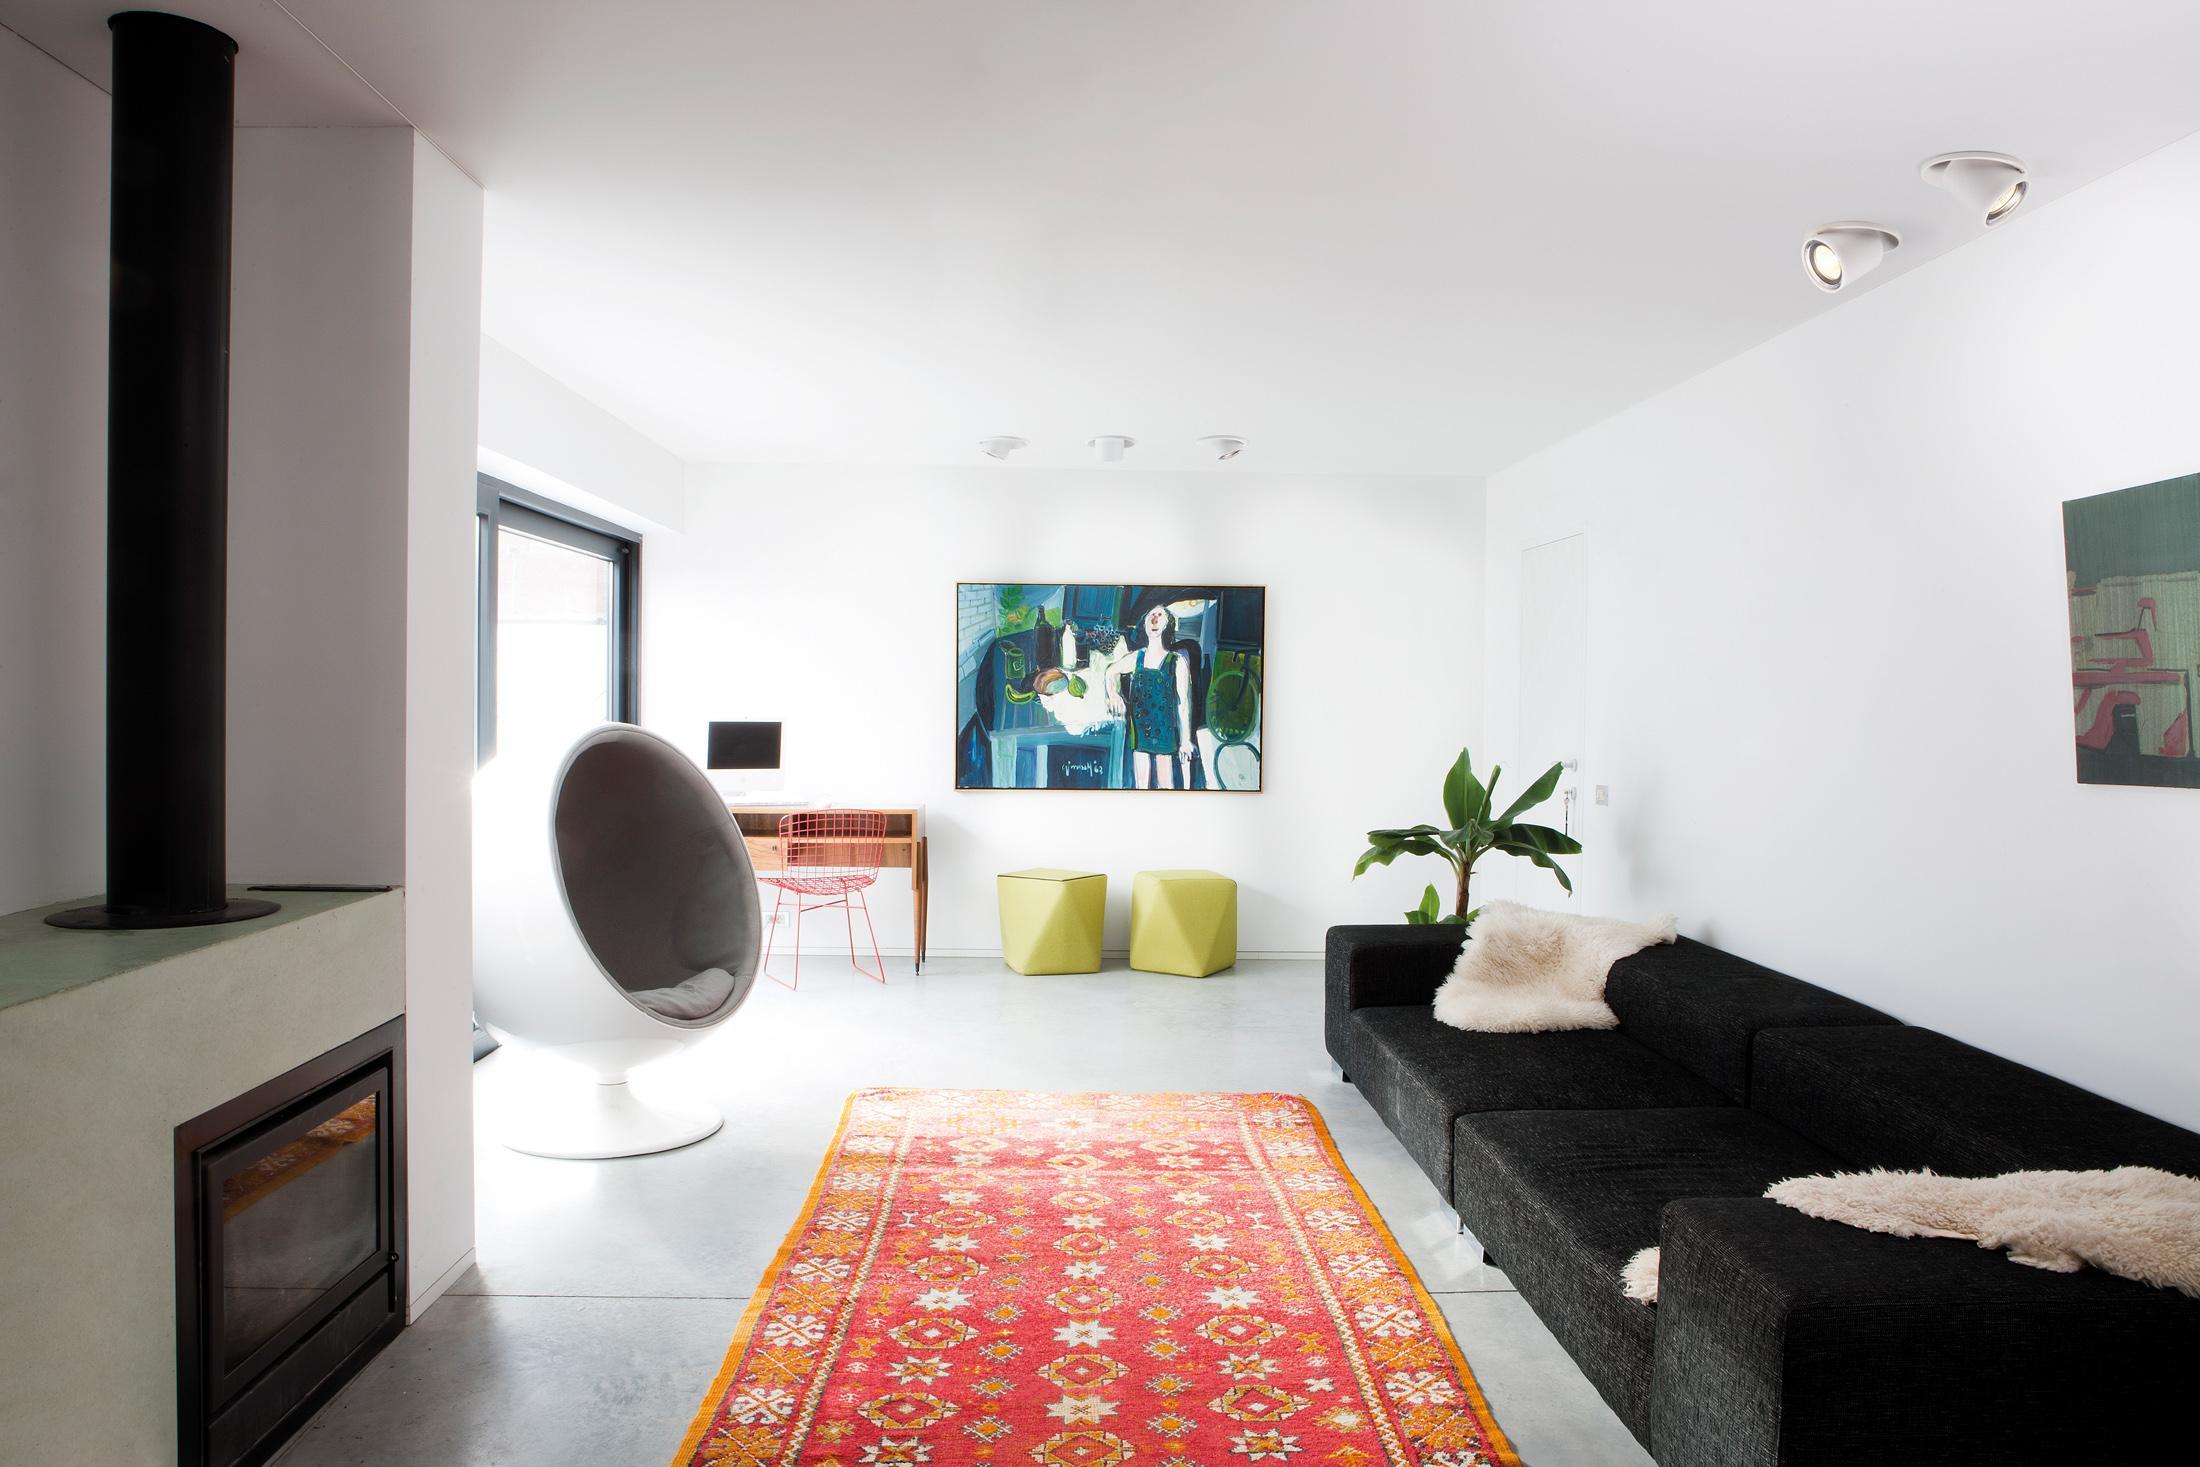 wohnzimmer kamin • bilder & ideen • couchstyle, Wohnzimmer